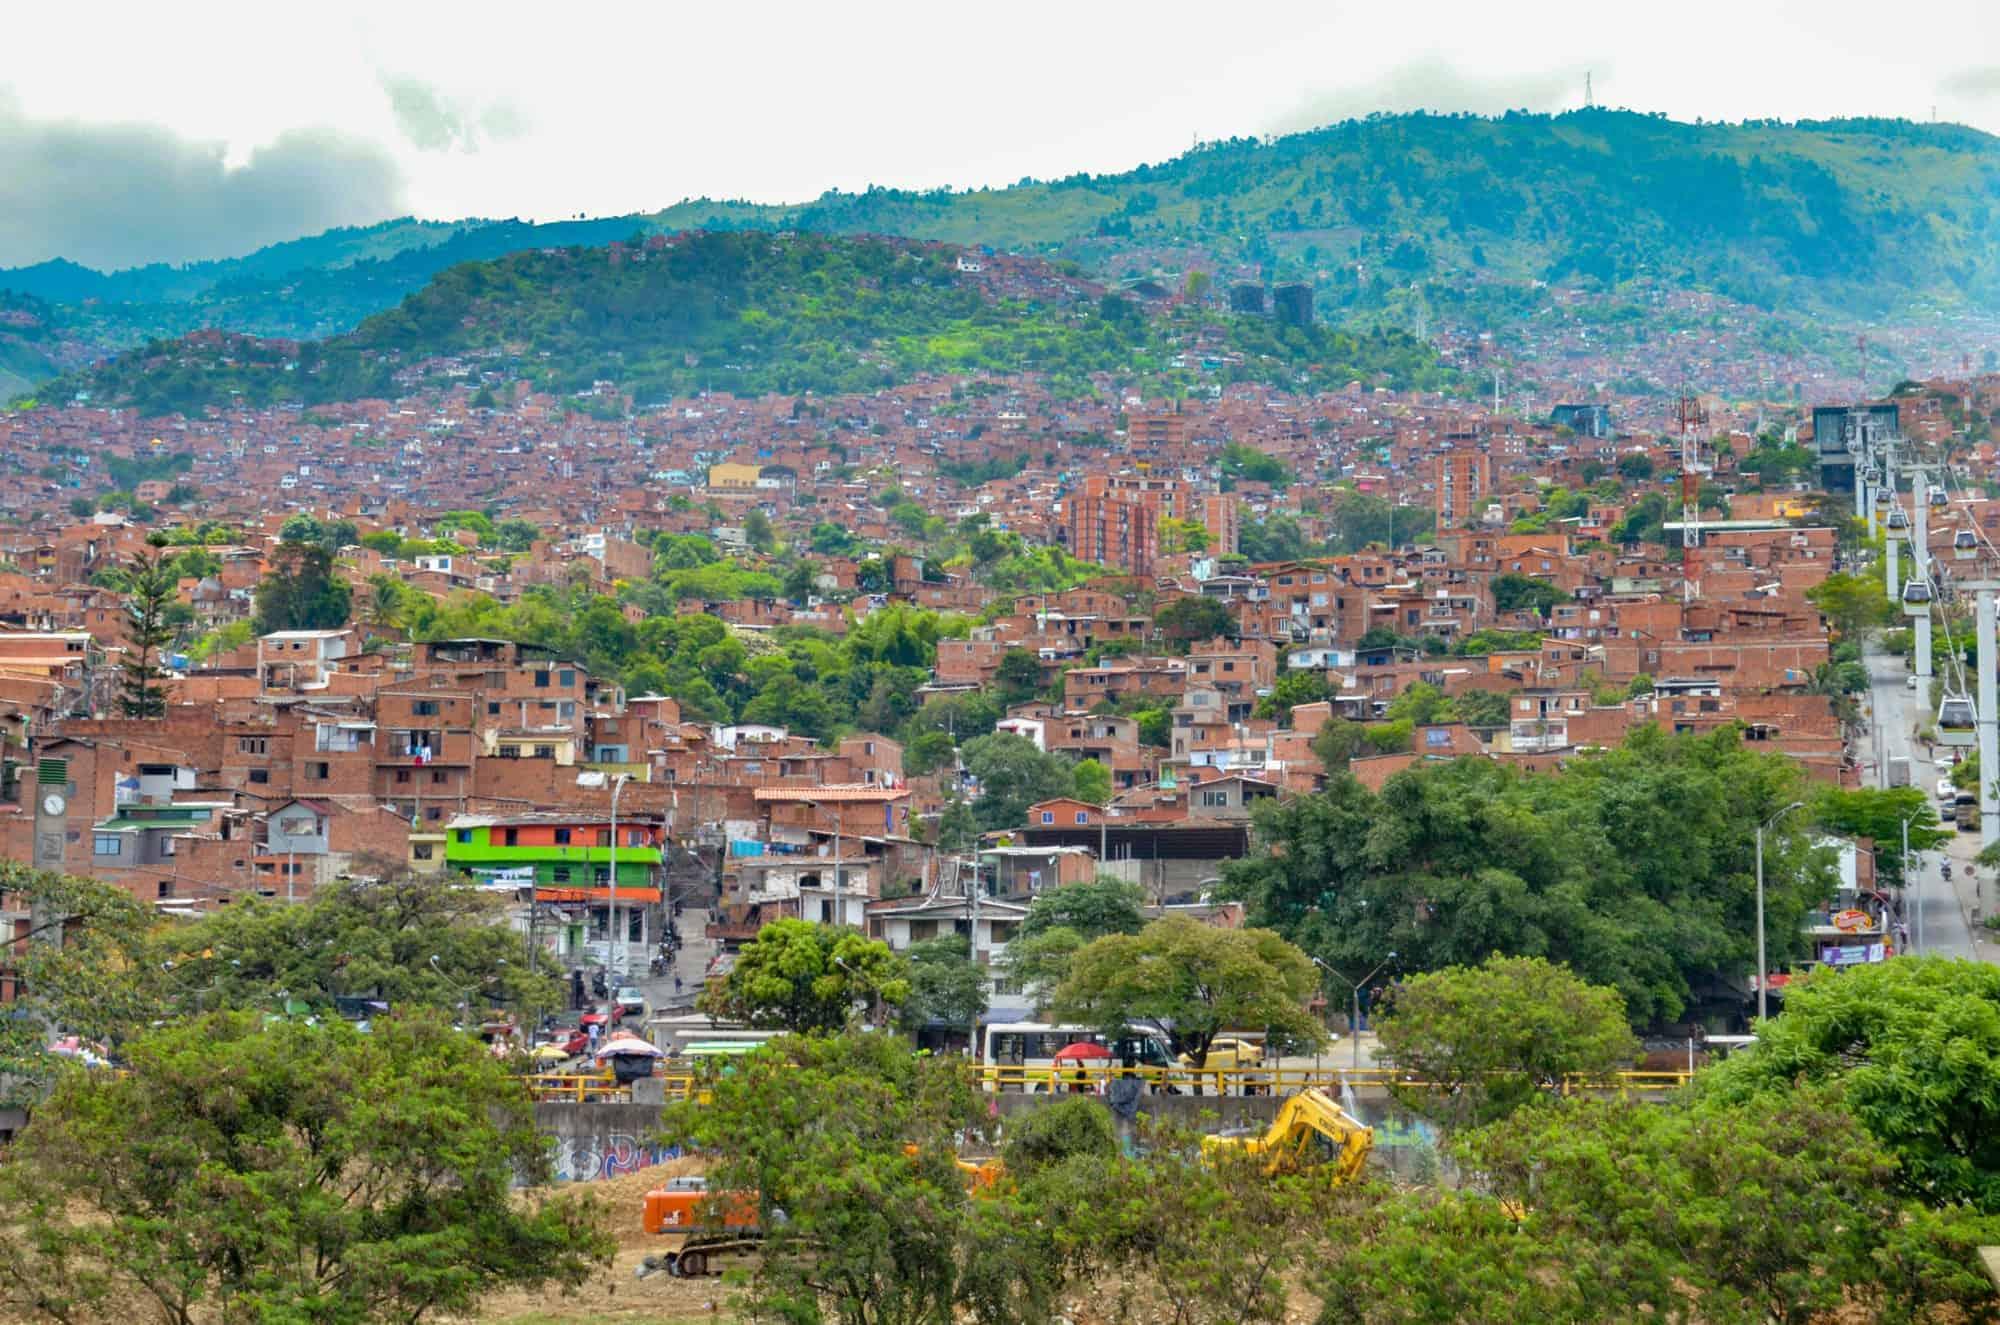 Arvi Natural Reserve Medellin